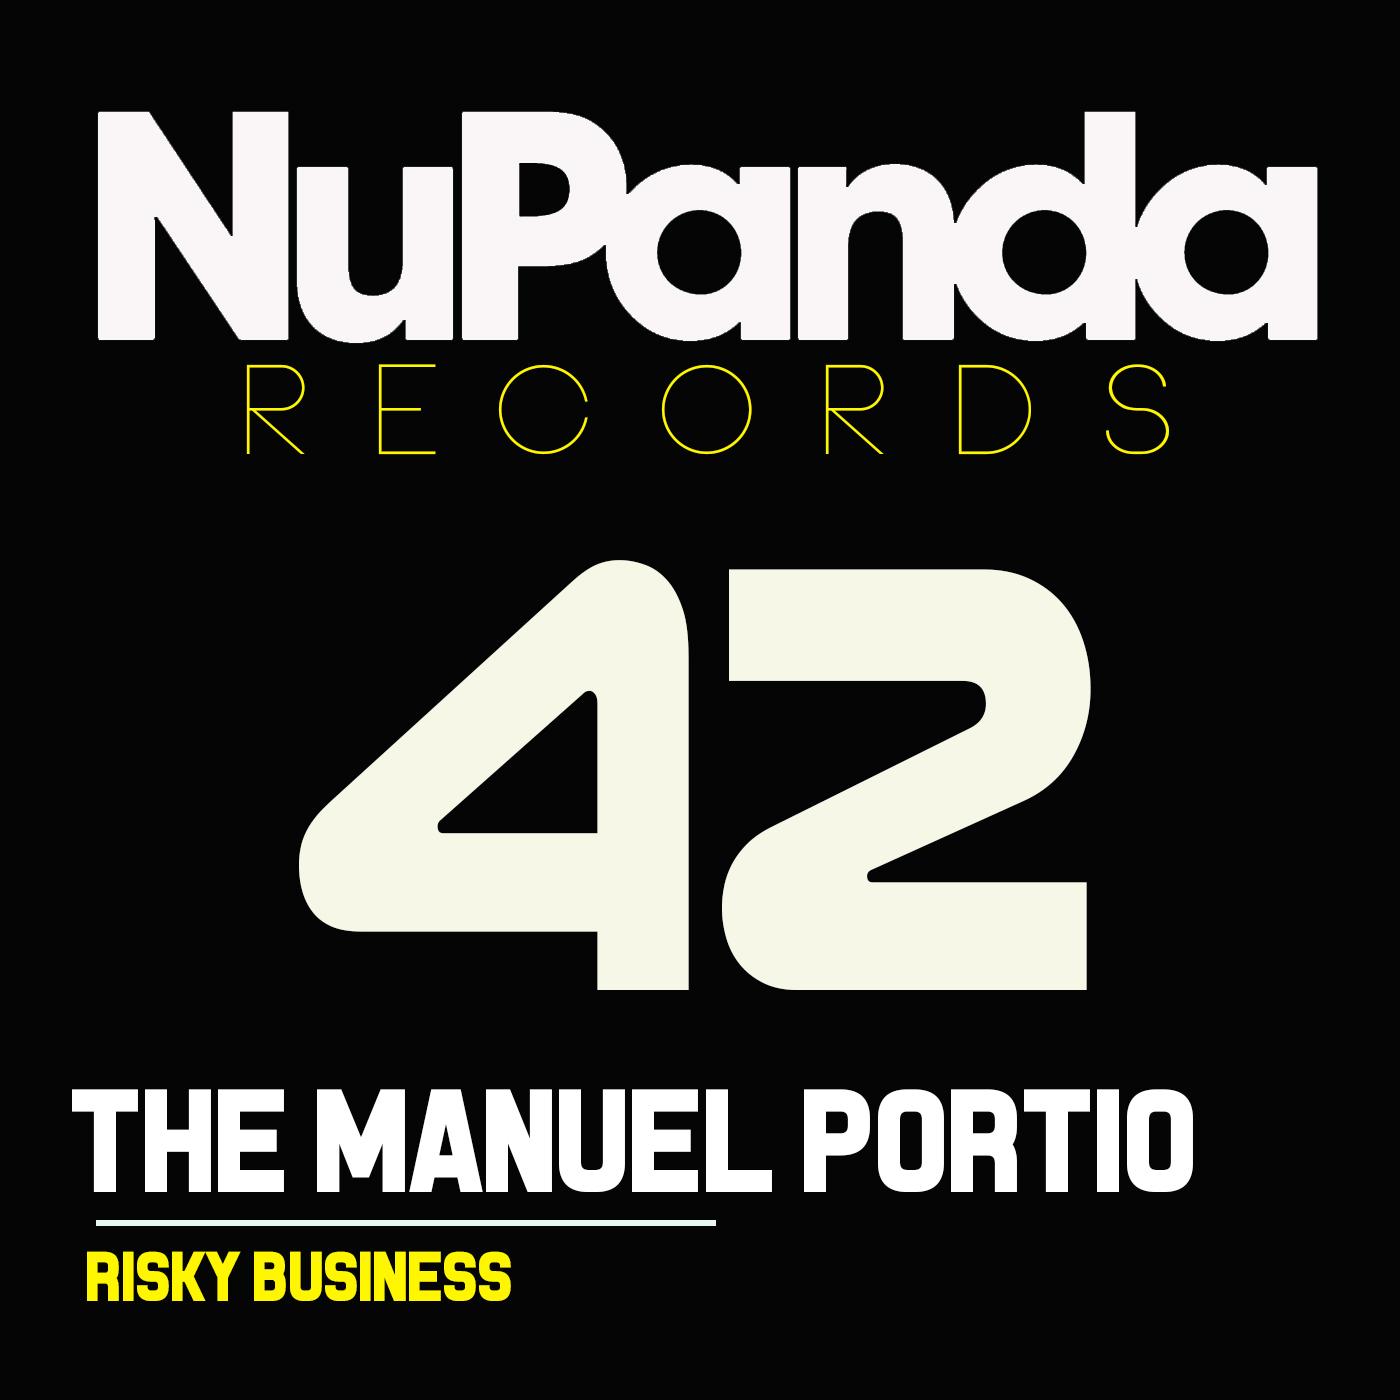 The Manuel Portio - Risky Business